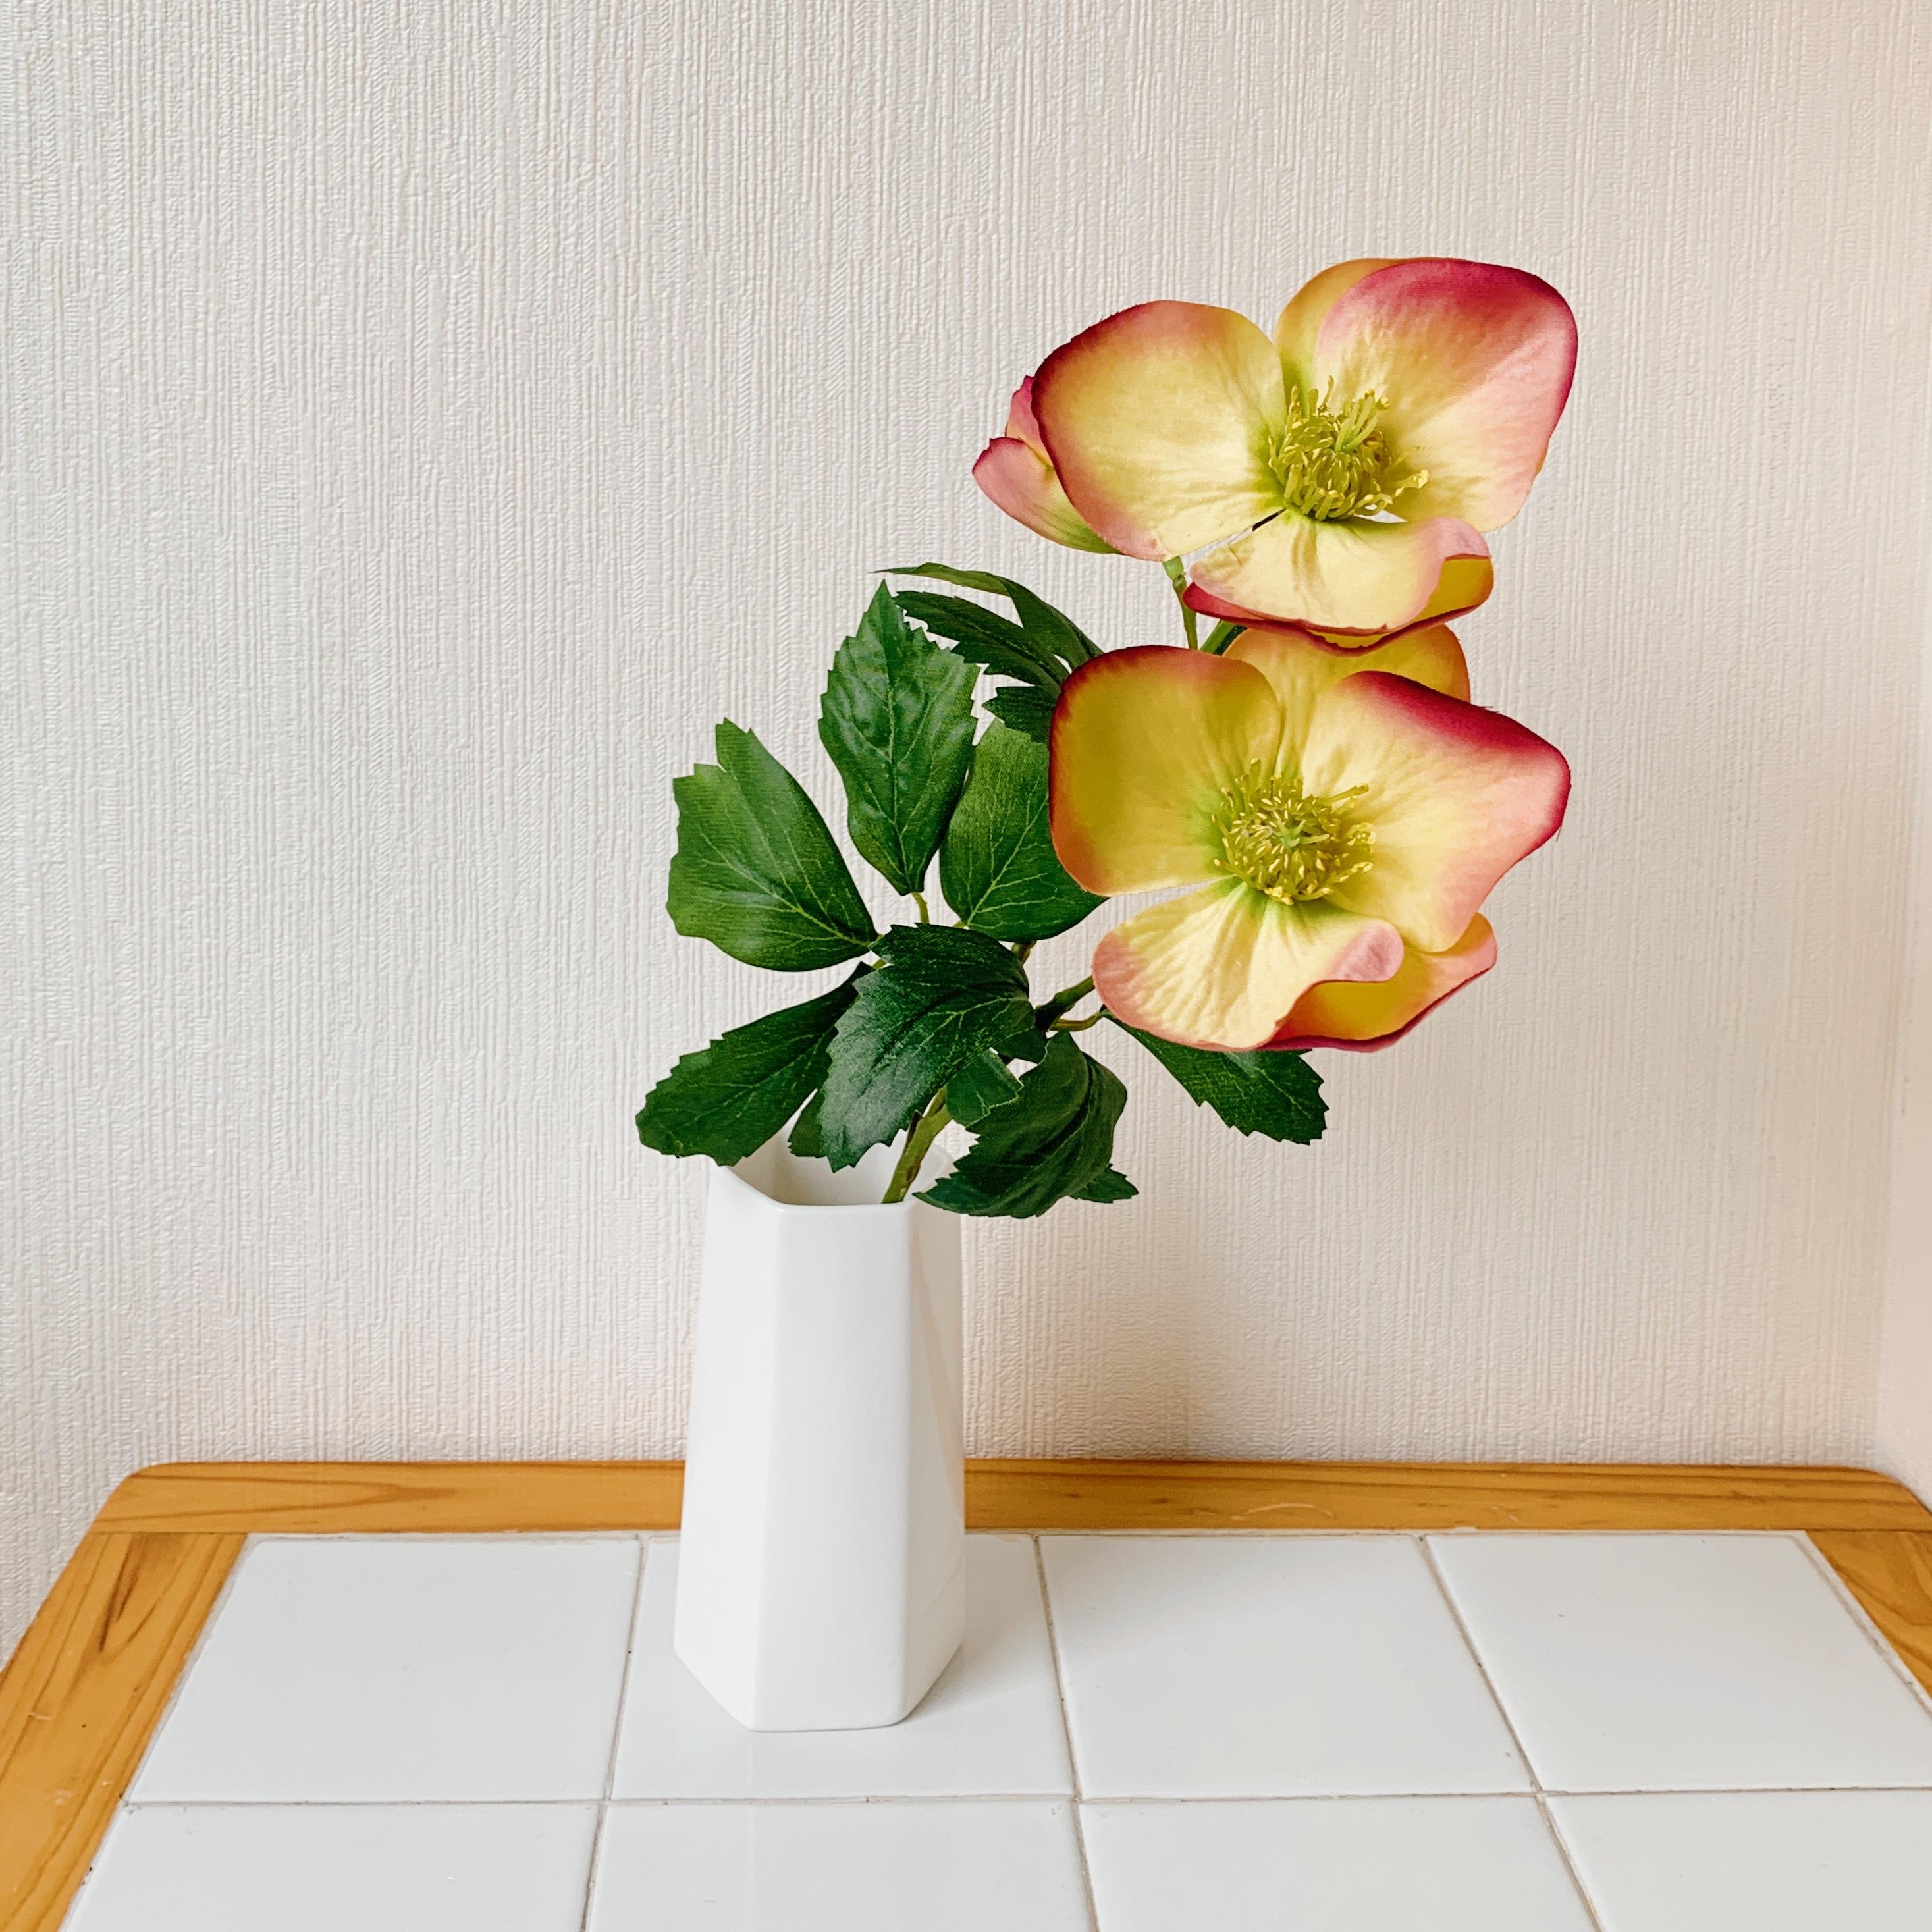 6角形の花瓶